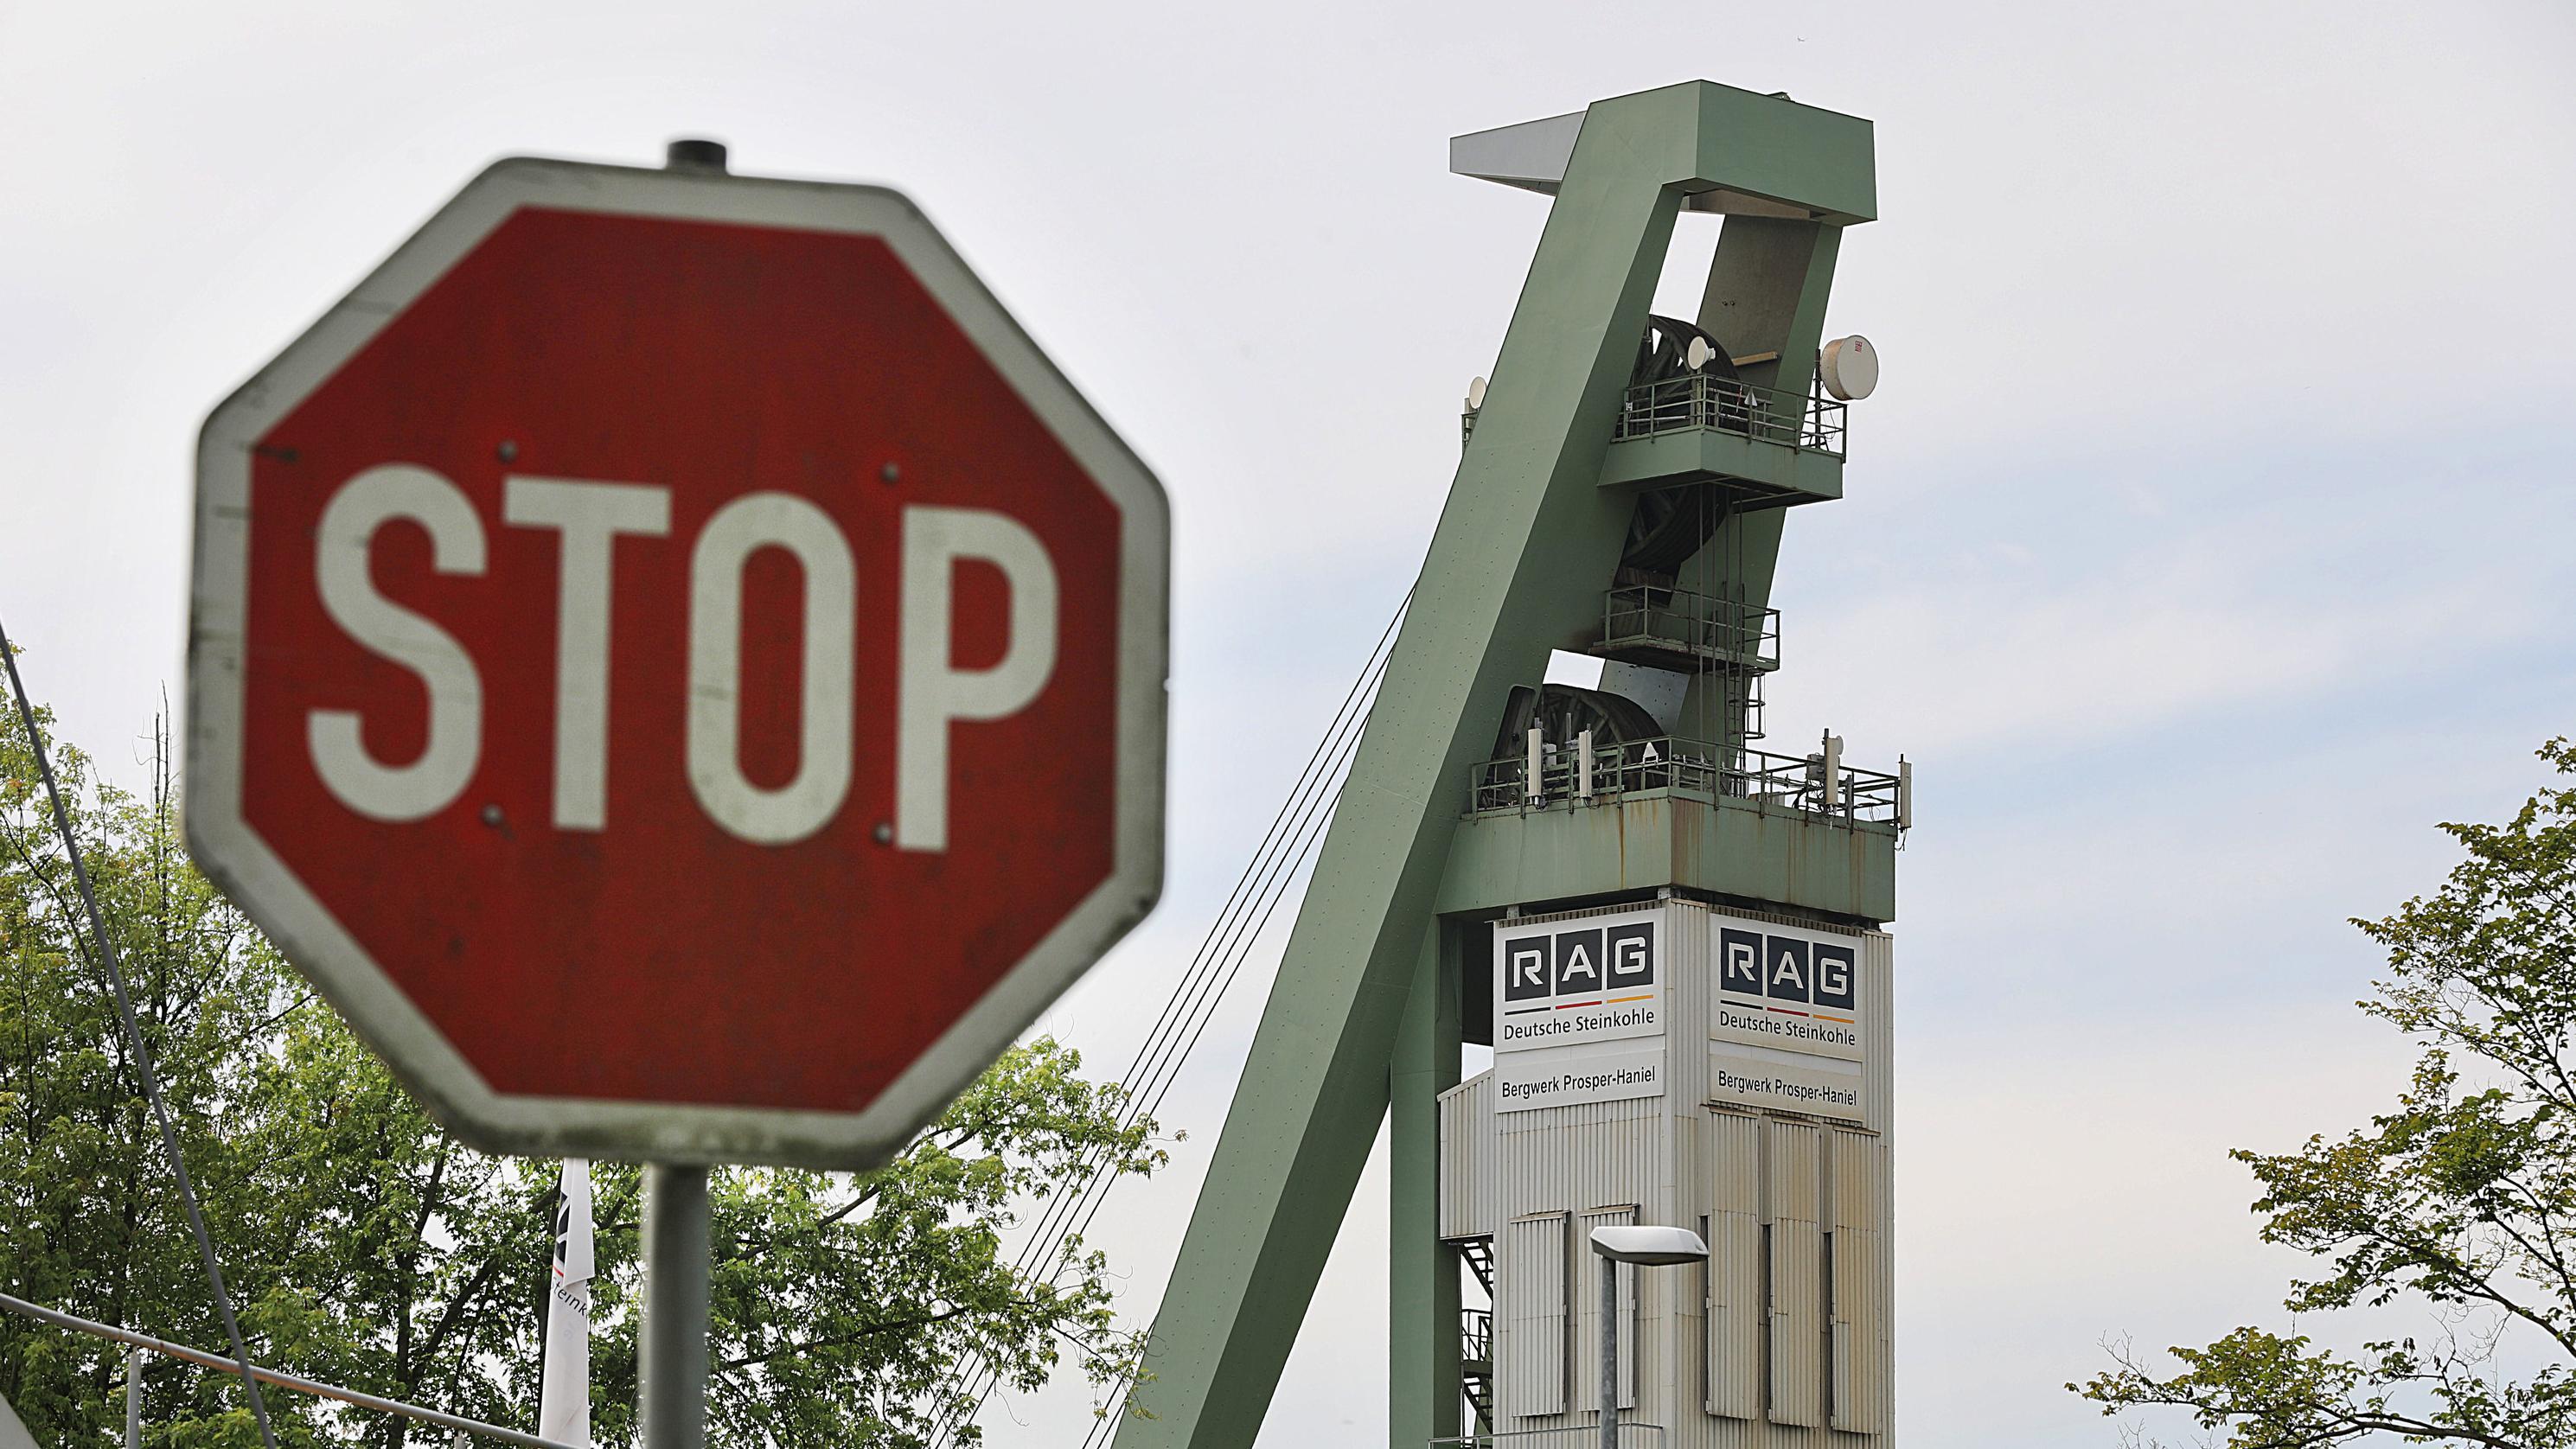 Vor der Zeche Prosper Haniel steht ein Stop Schild